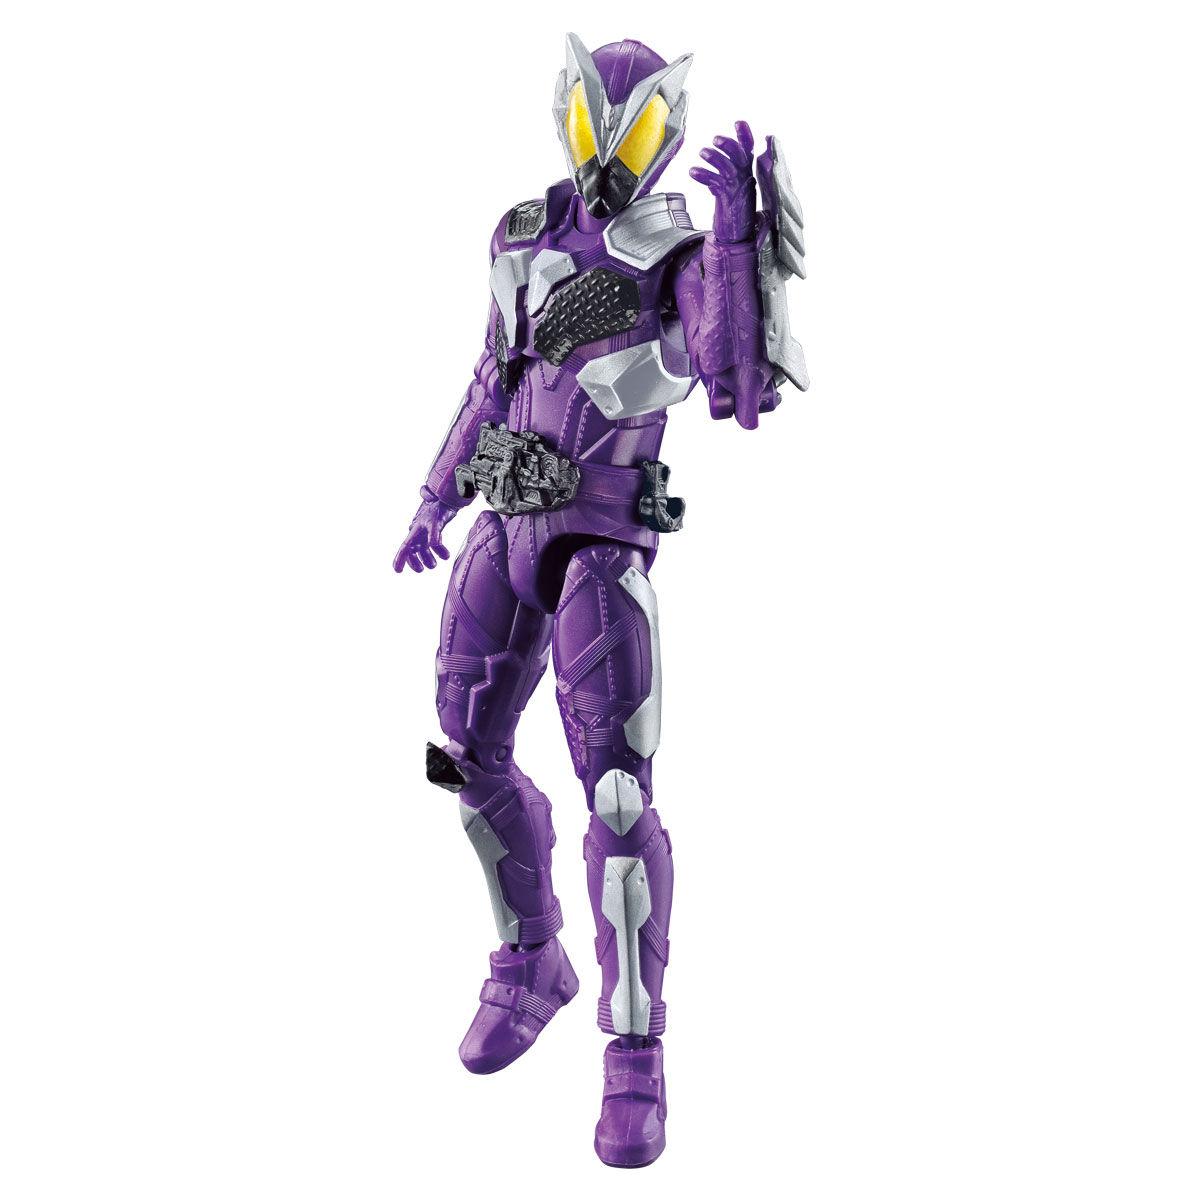 RKF『仮面ライダー滅 スティングスコーピオン』可動フィギュア-001